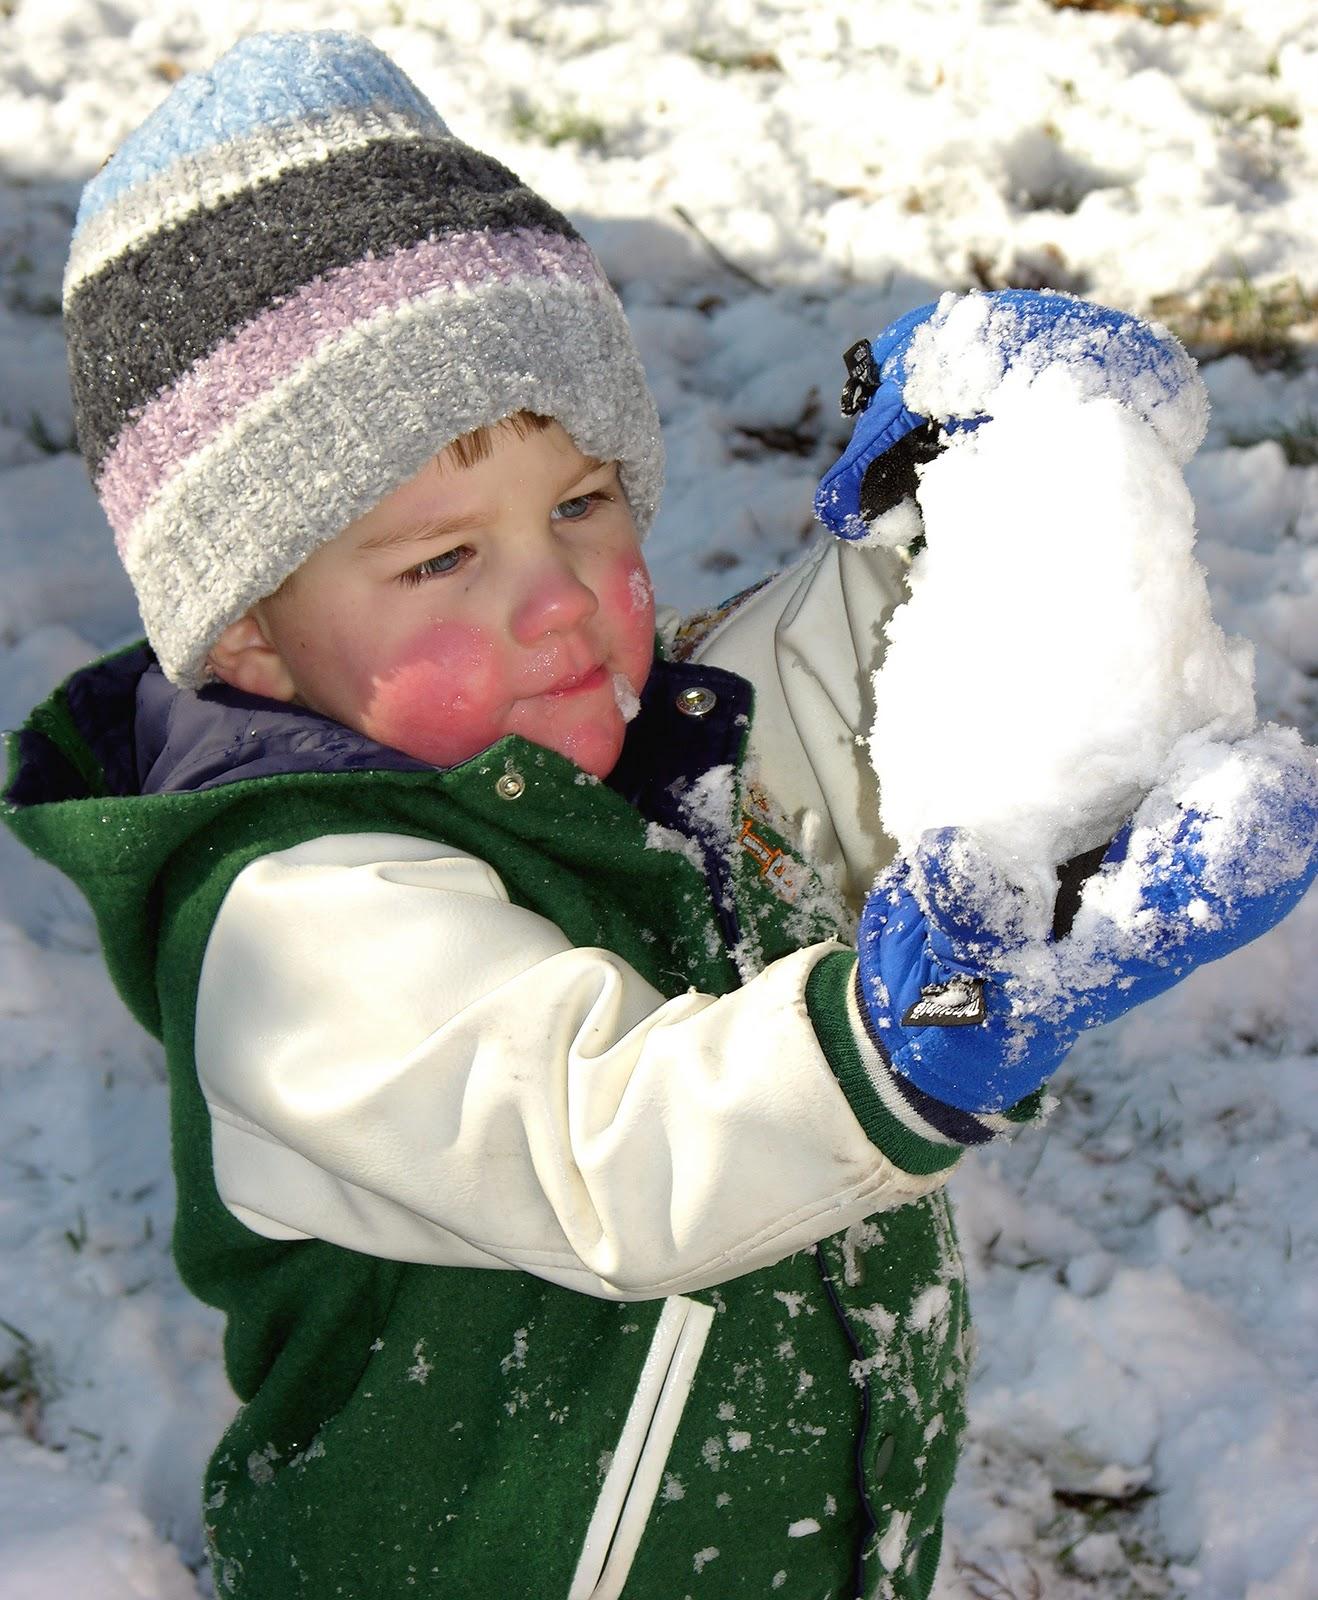 Фото детей 6 лет зимой